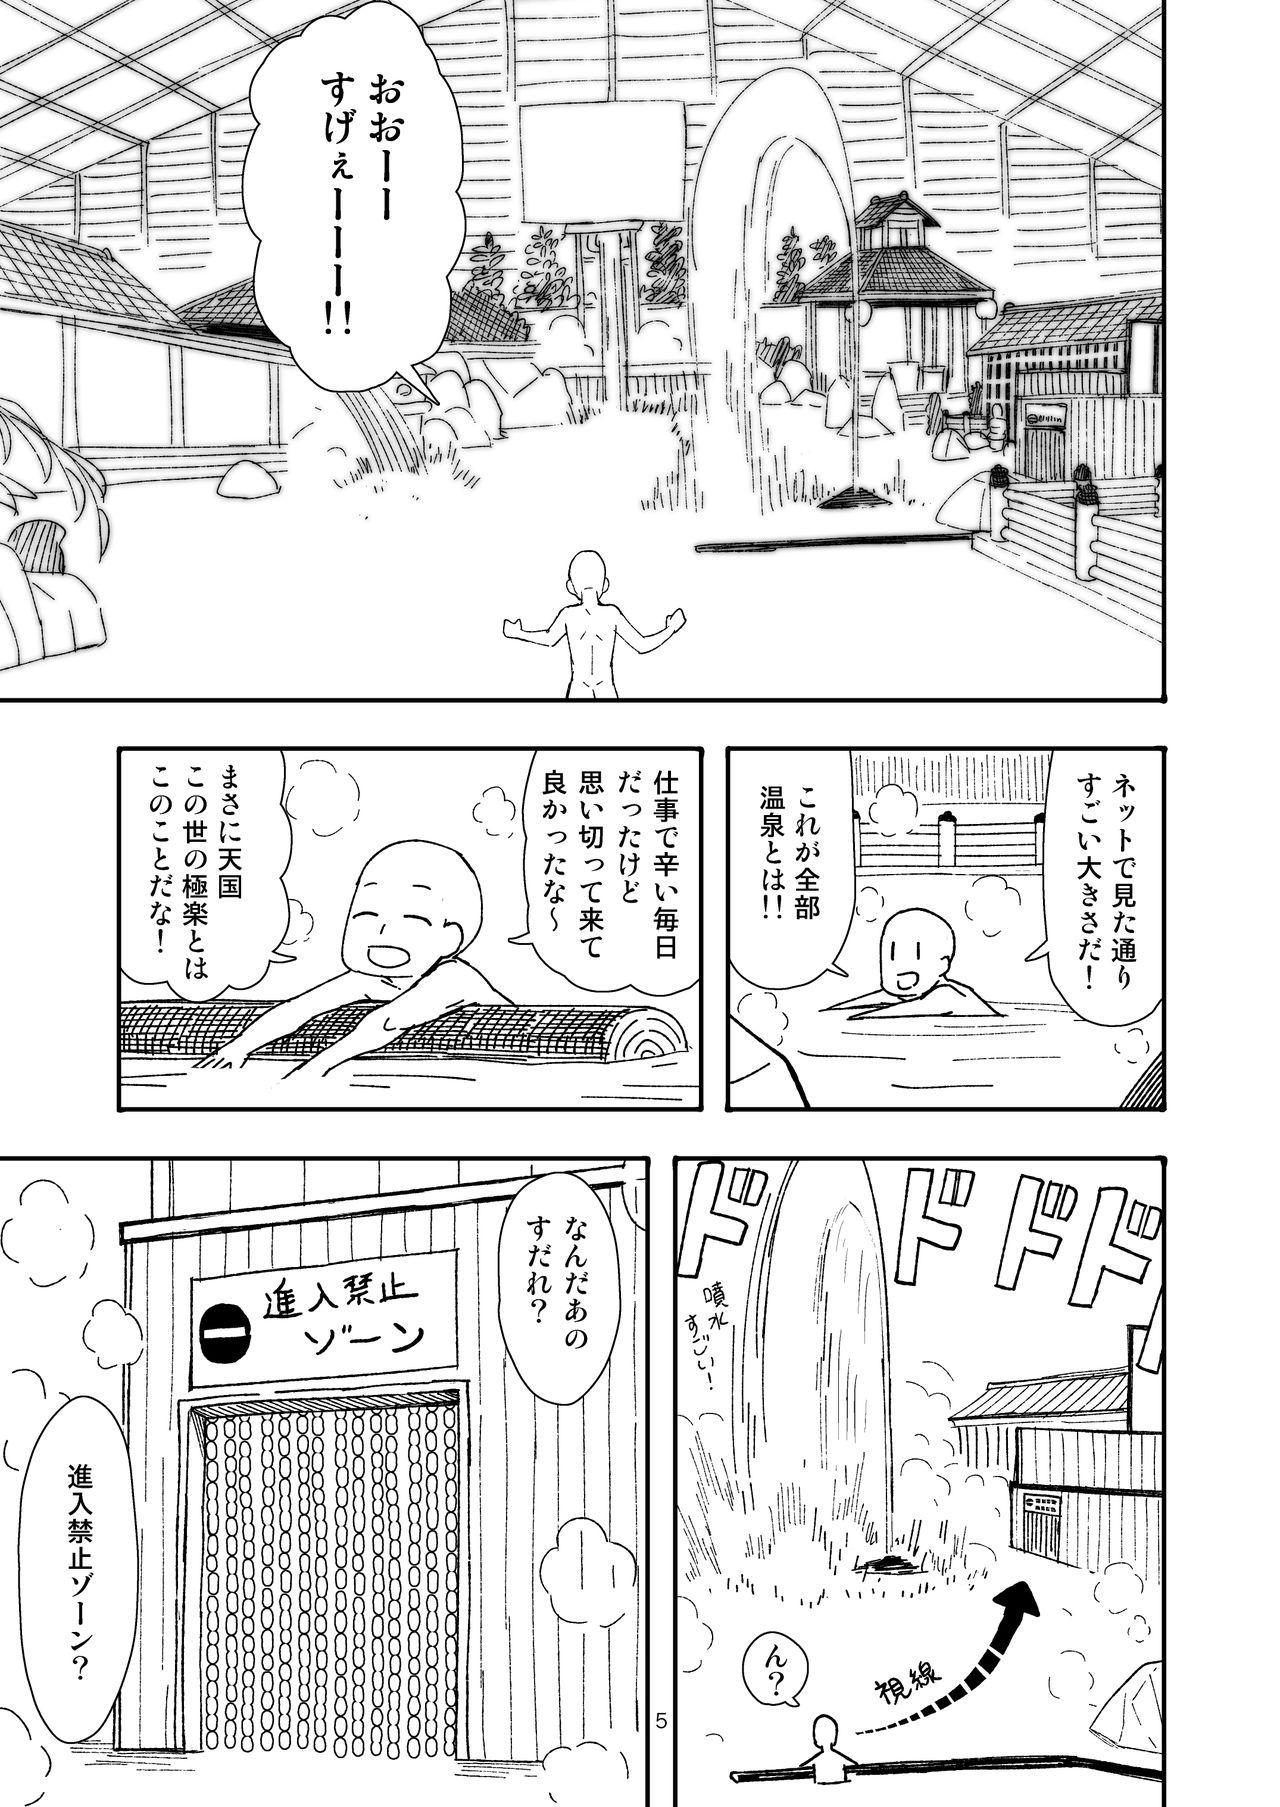 実録!!愛里寿ちゃんが間違えて混浴に入ってきちゃったはなし 4